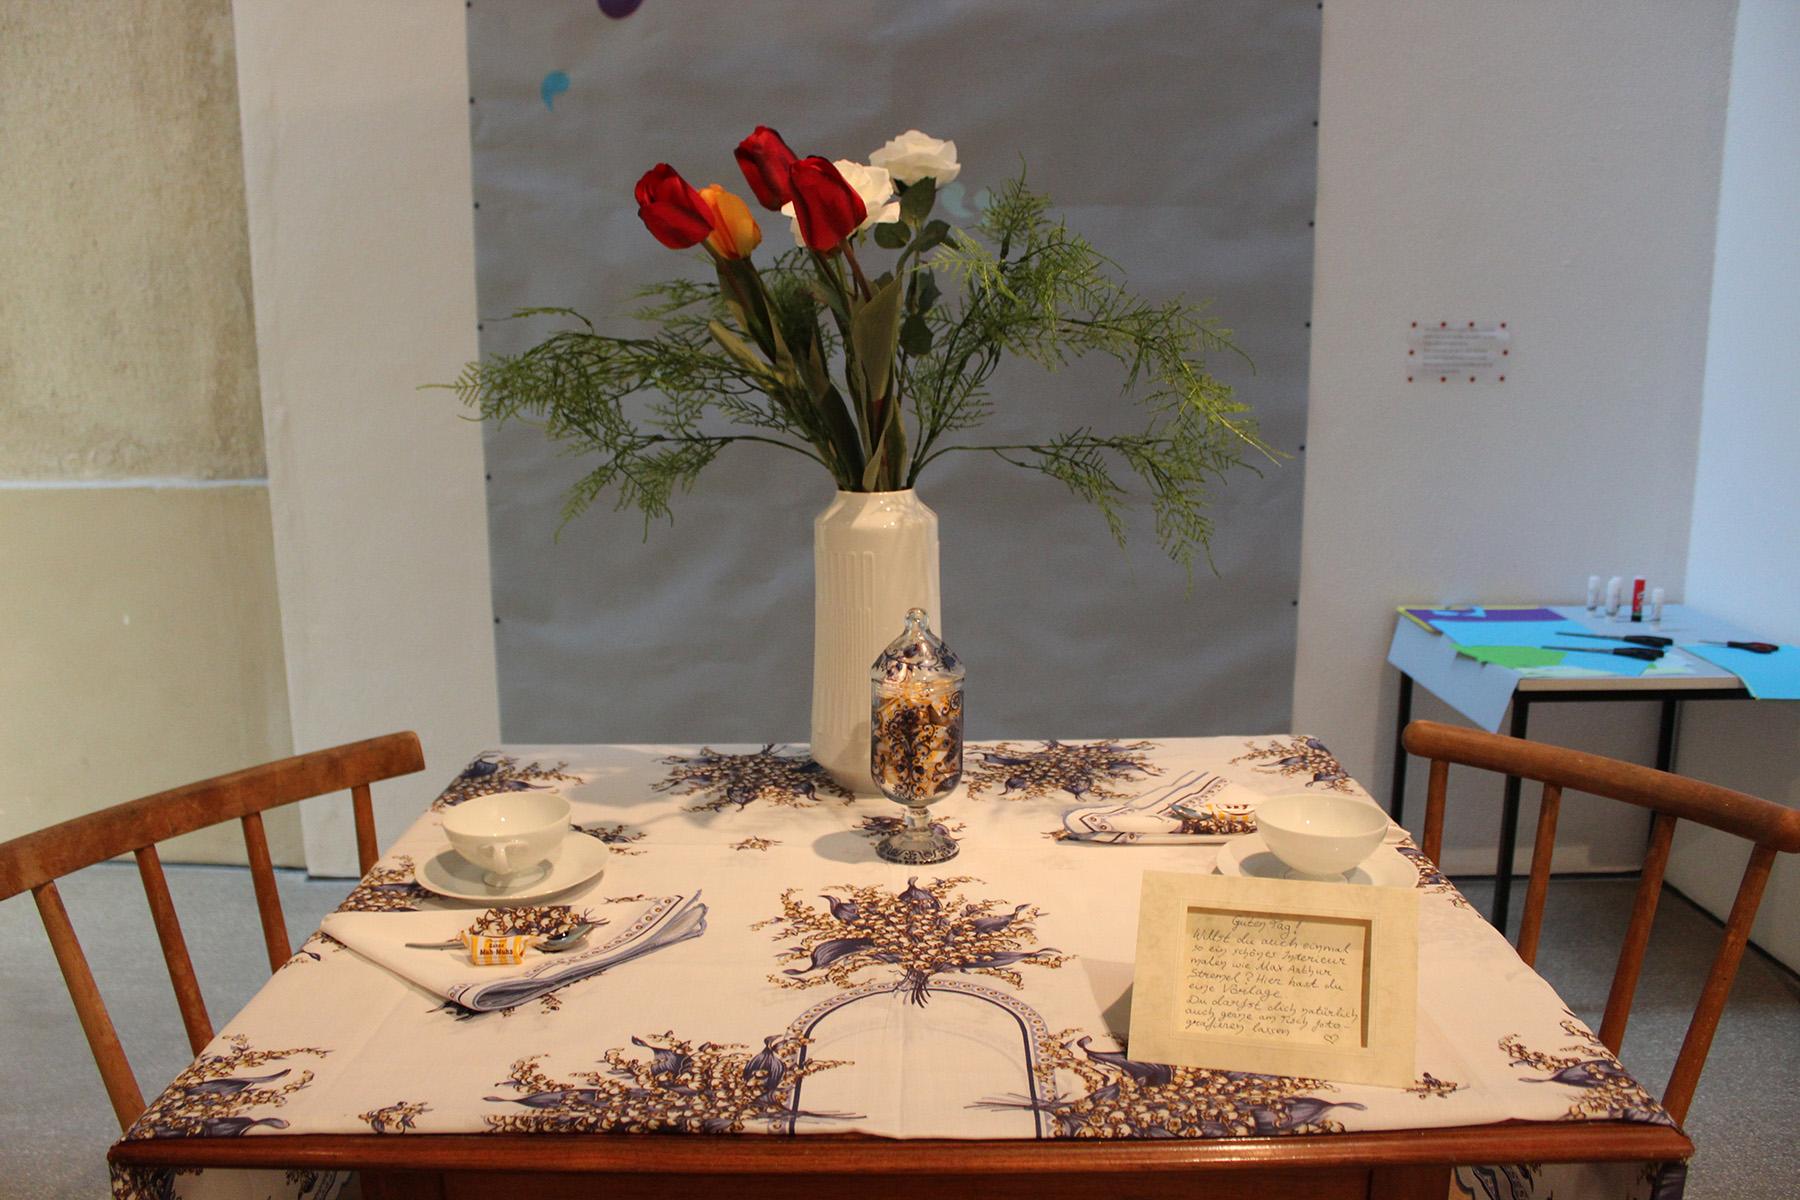 Ein gedeckter Tisch mit Blumenvase und Tischdecke.